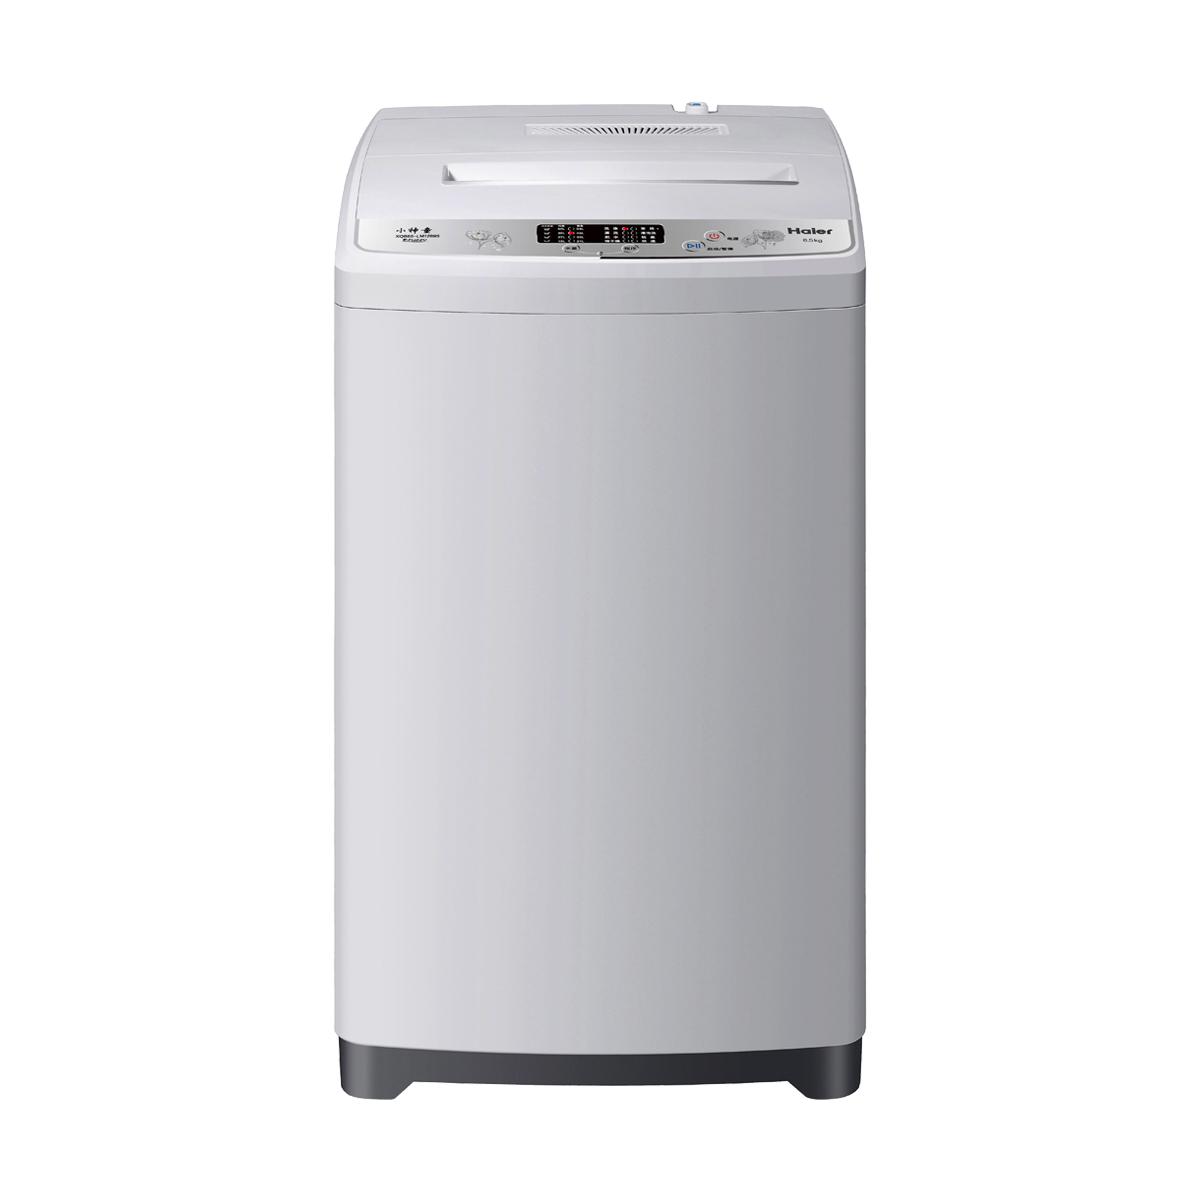 海尔Haier洗衣机 XQB65-LM1269S 说明书